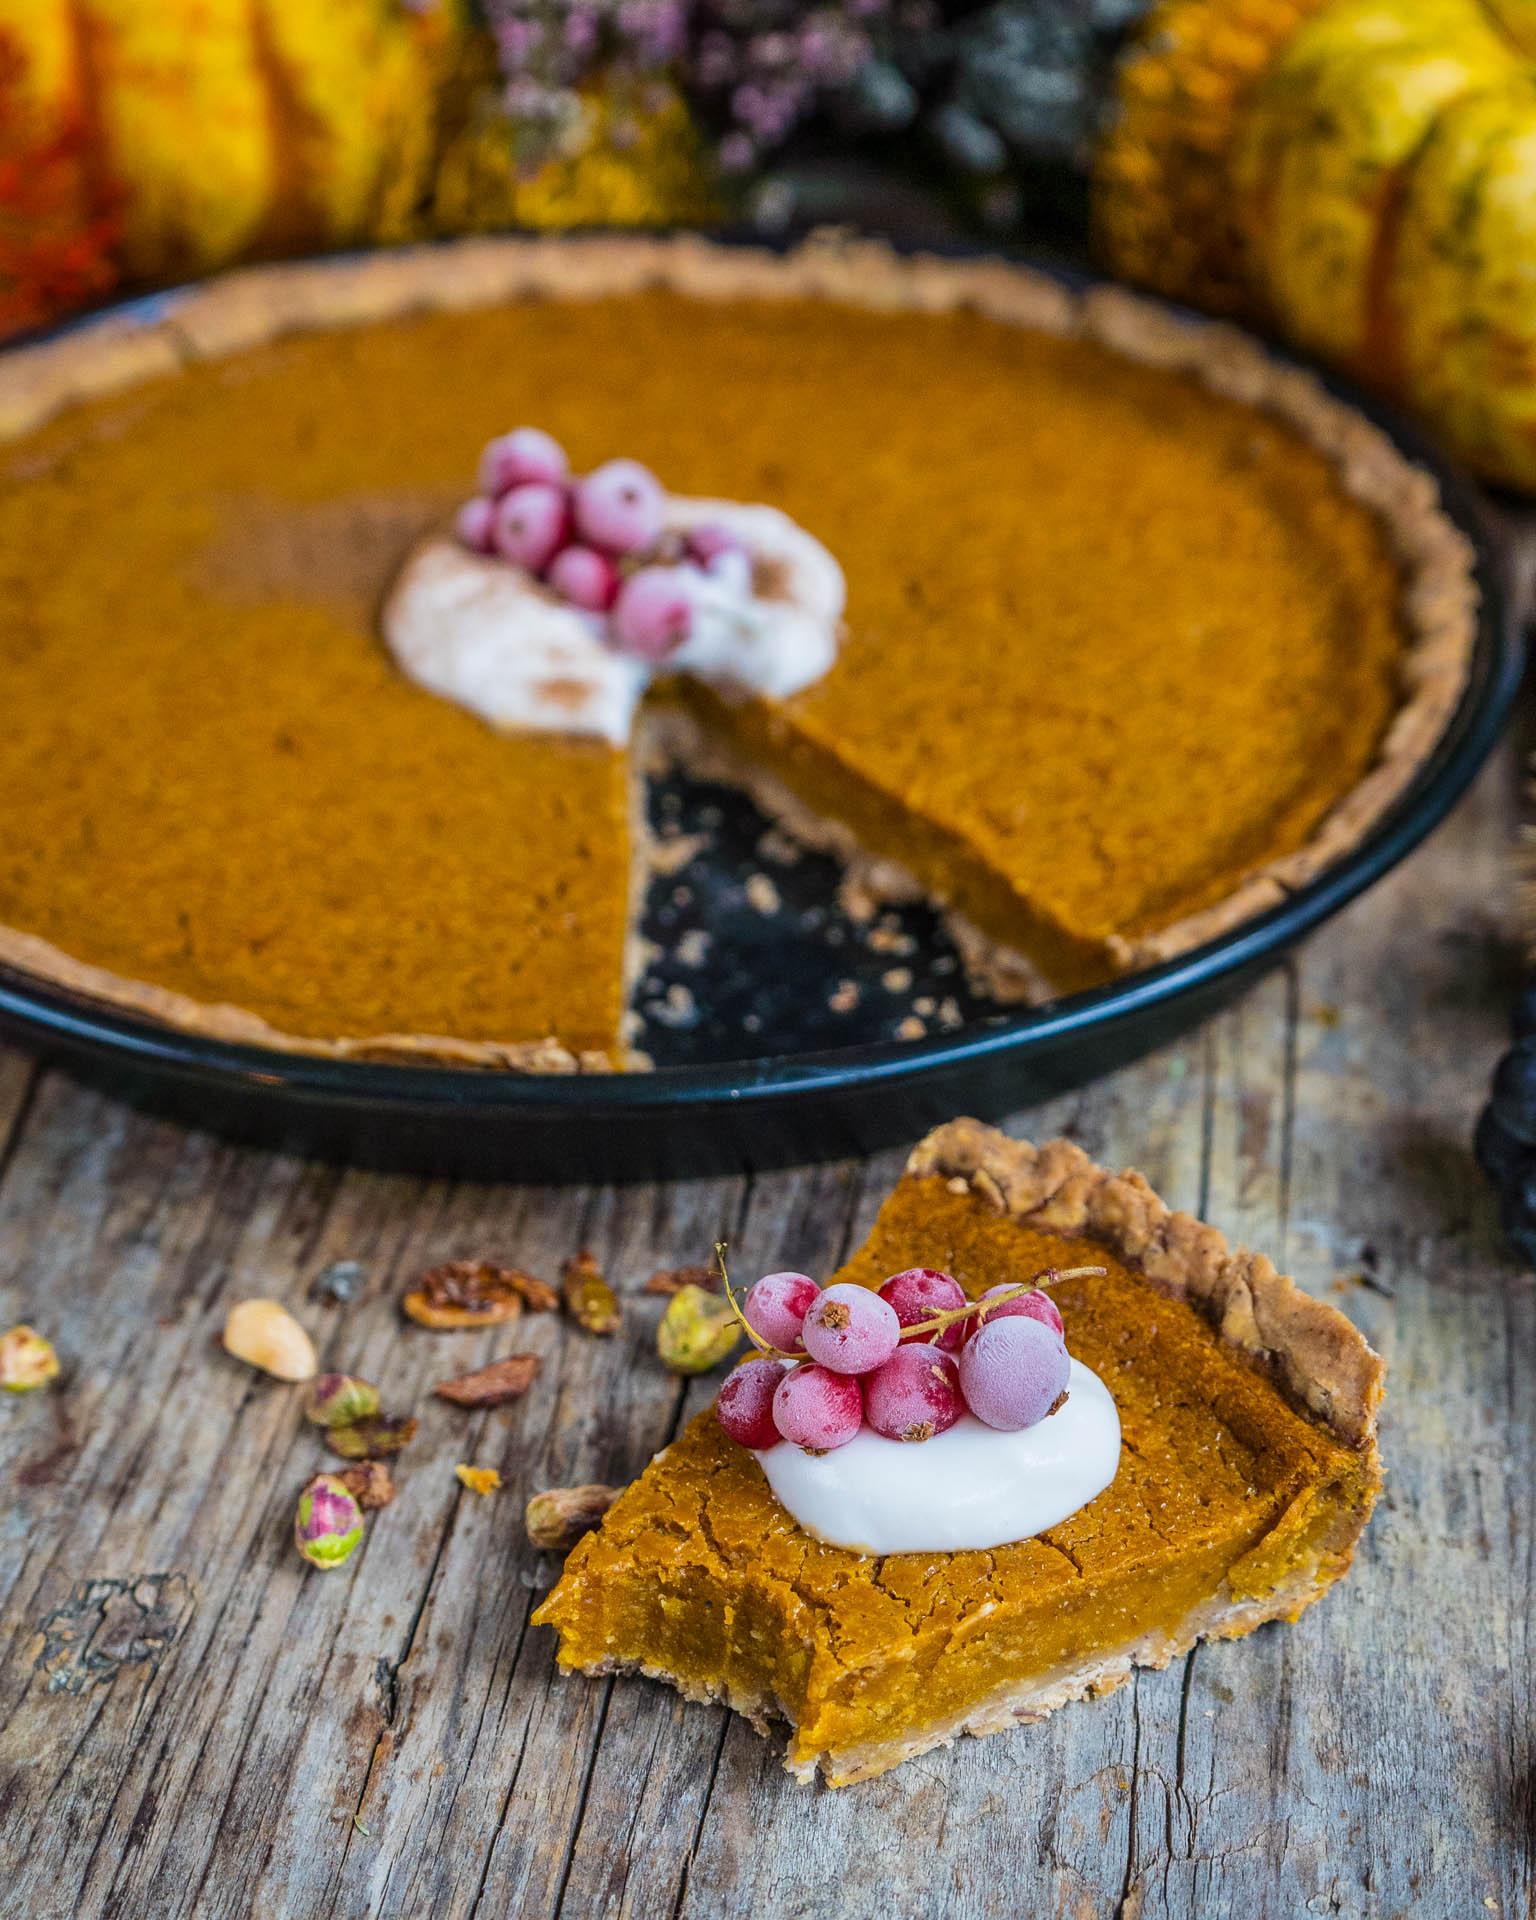 gesunder pumpkin pie vegan und glutenfrei mrs flury gesund essen leben. Black Bedroom Furniture Sets. Home Design Ideas